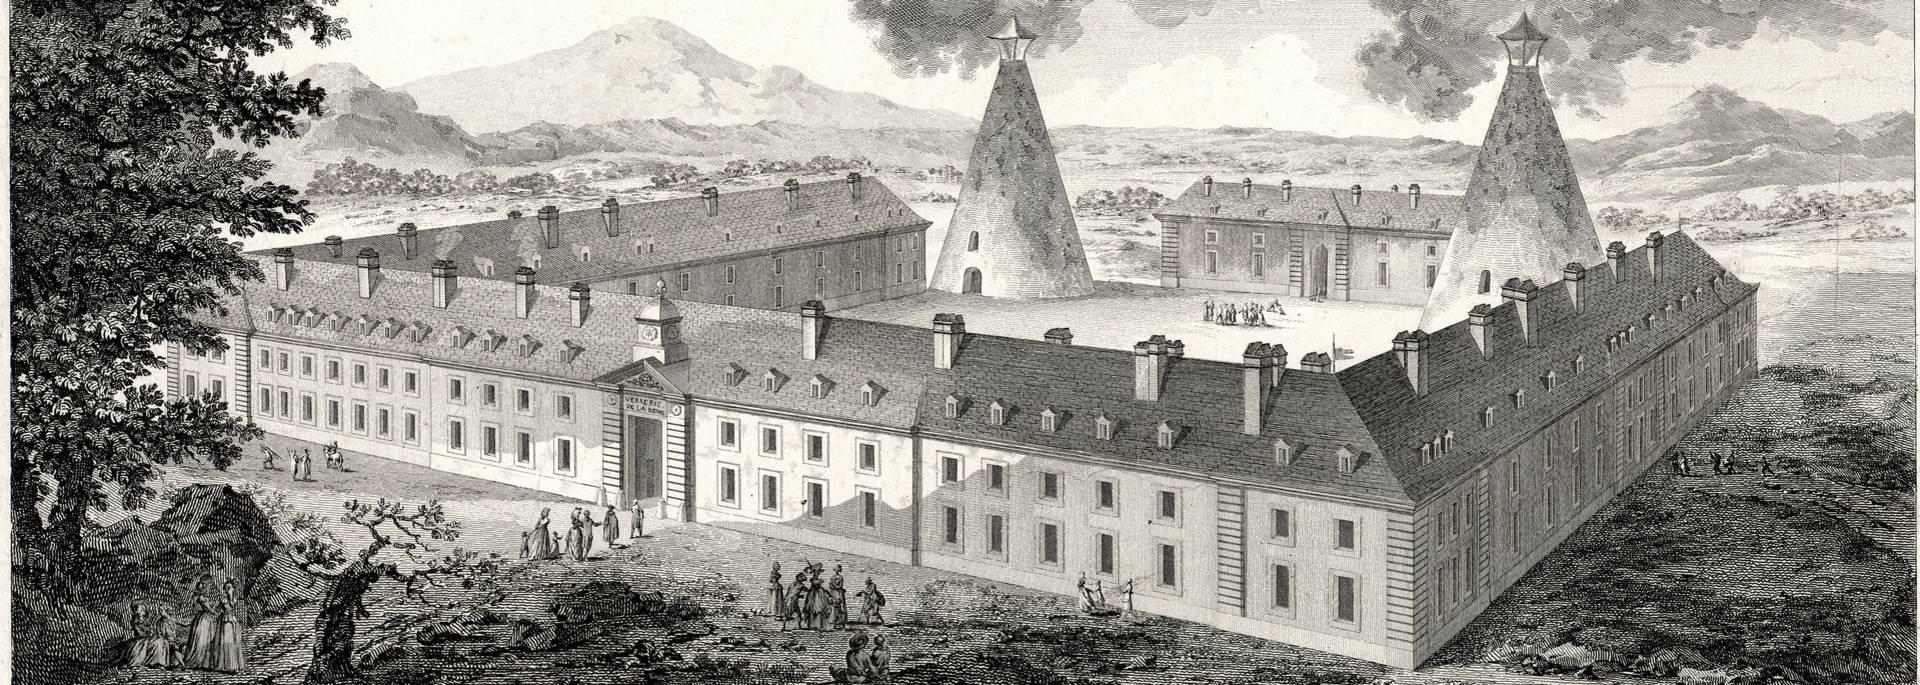 Vue de la manufacture des cristaux de la Reine établie au Creusot, 1787. © CUCM, document Écomusée, reproduction D. Busseuil.